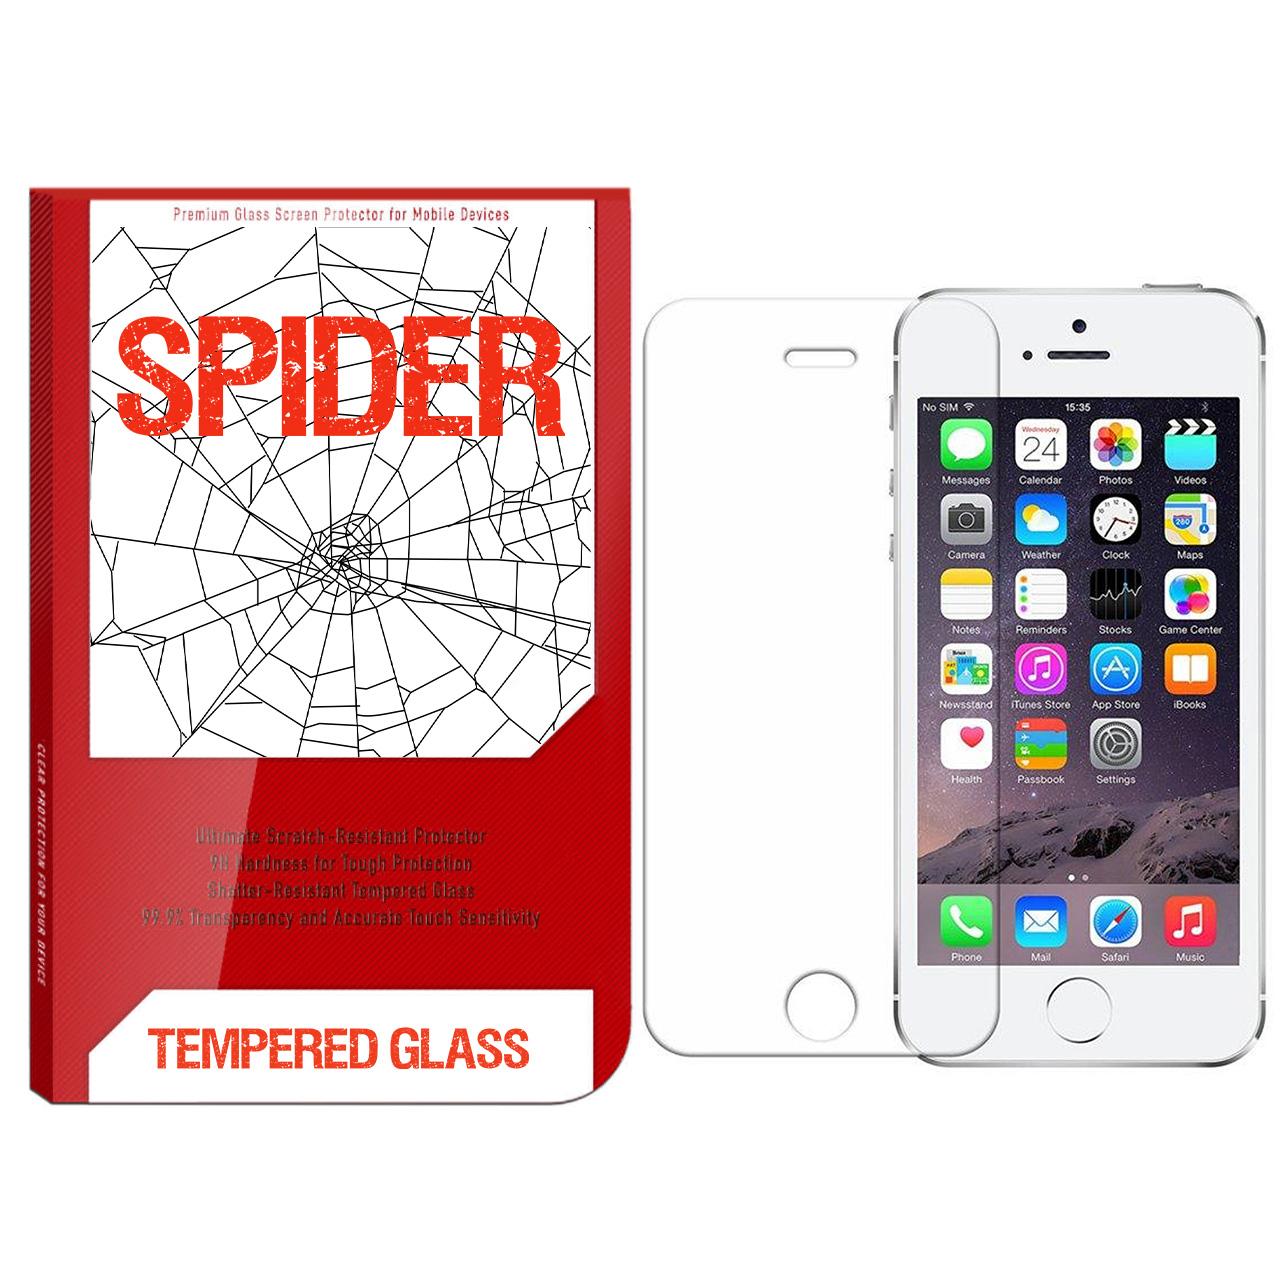 محافظ صفحه نمایش اسپایدر مدل S-TMP002 مناسب برای گوشی موبایل اپل Iphone 5/5s/se